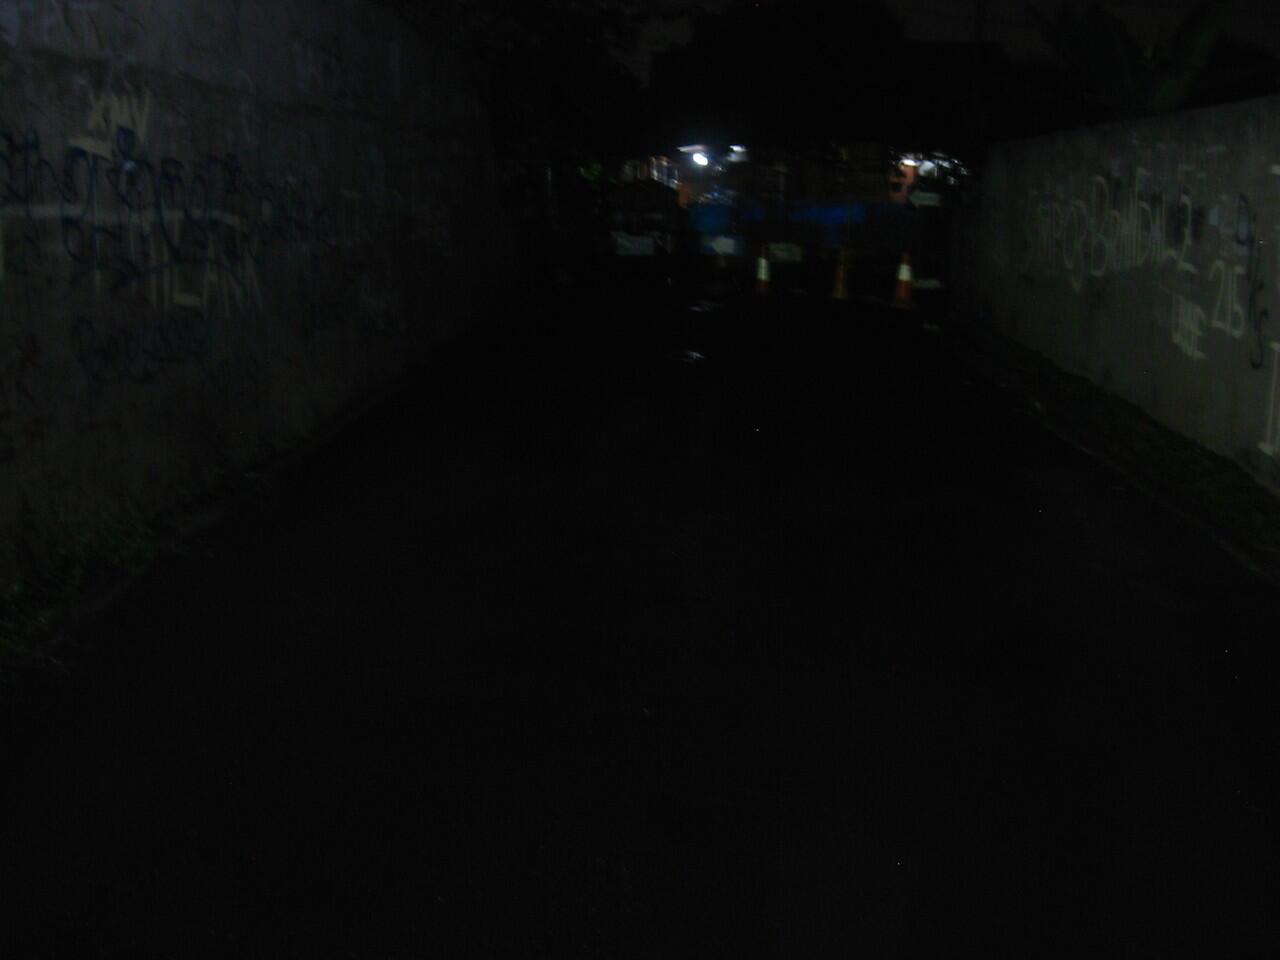 Terjual Led Work Light Lampu Sorot Off Road 27 Watt 27watt Bulat